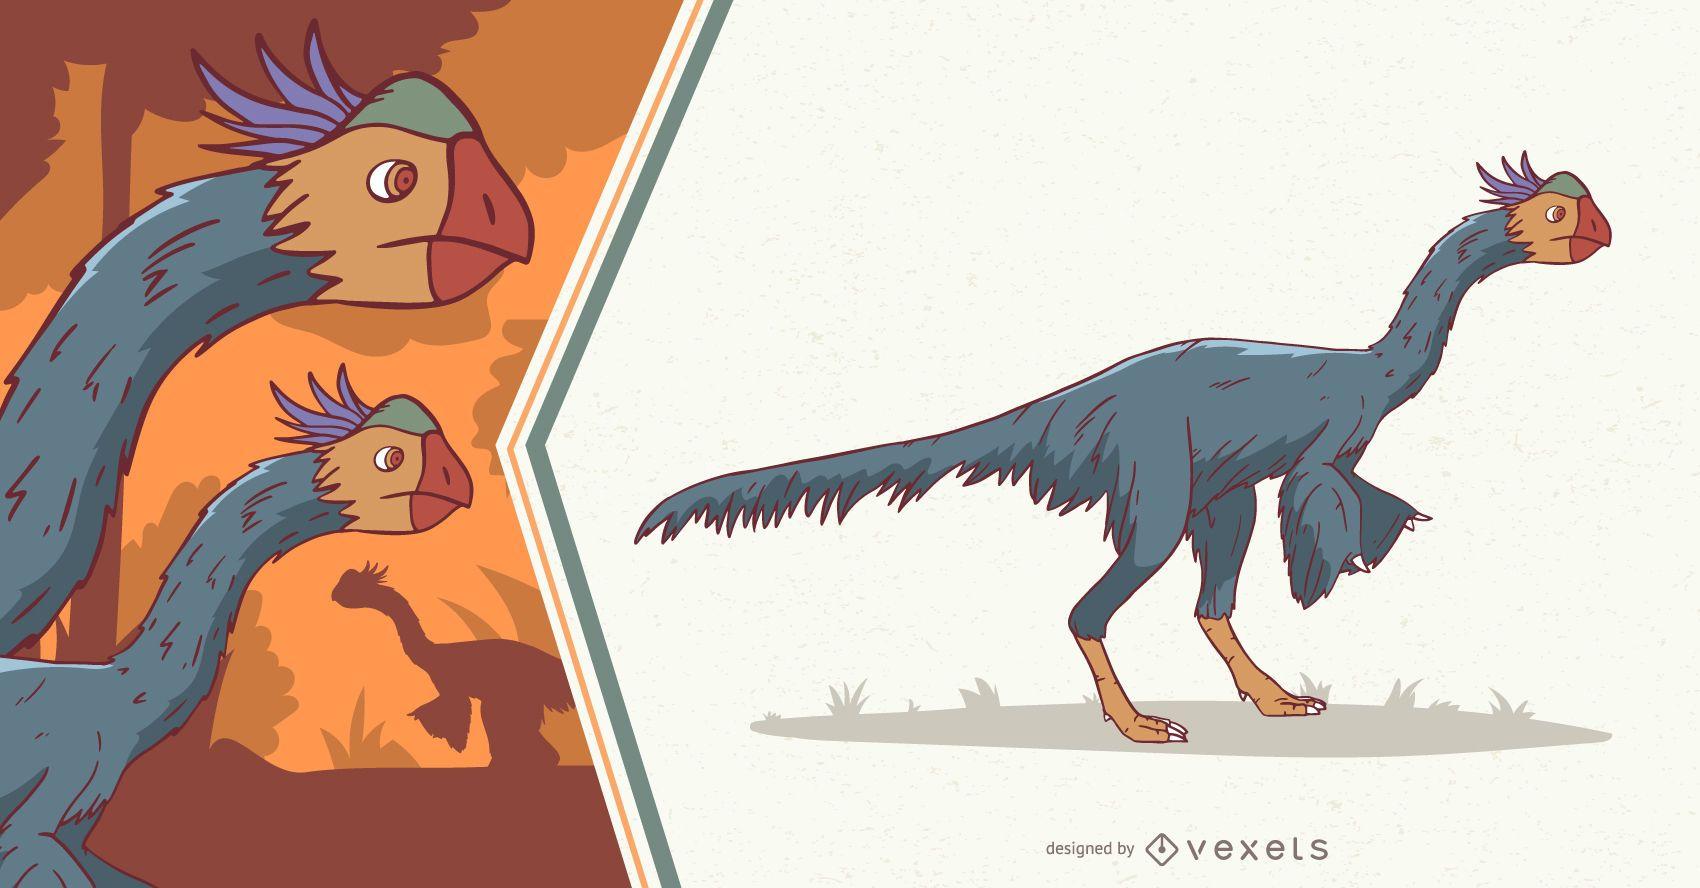 Feathered Dinosaur Illustration